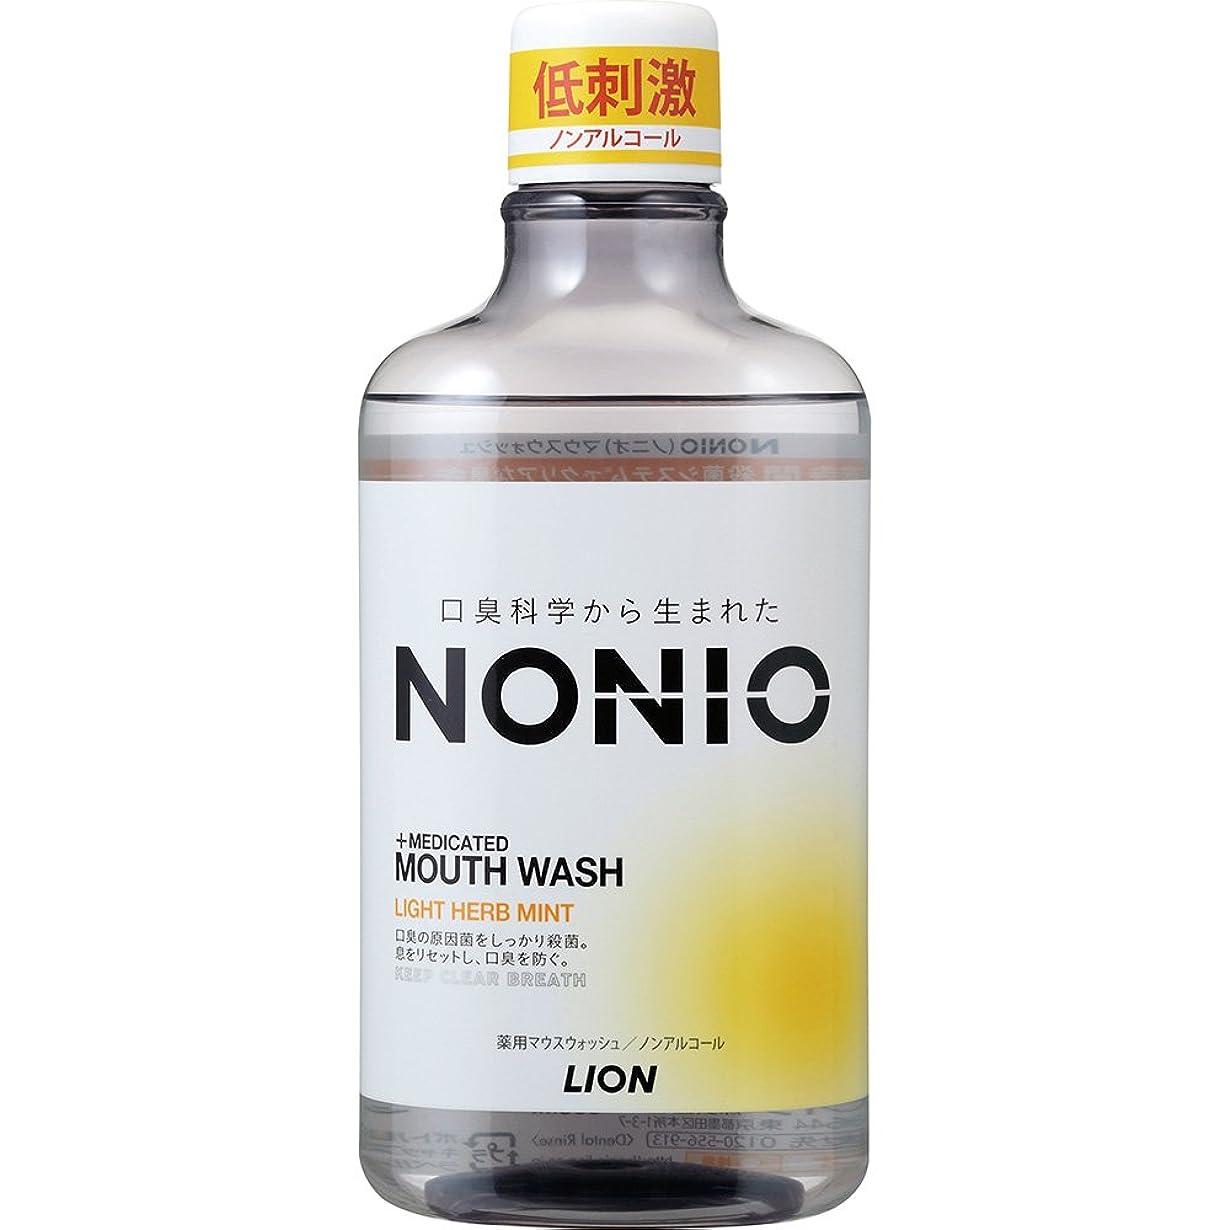 合併高音威信NONIO マウスウォッシュ ノンアルコール ライトハーブミント 600ml 洗口液 (医薬部外品)